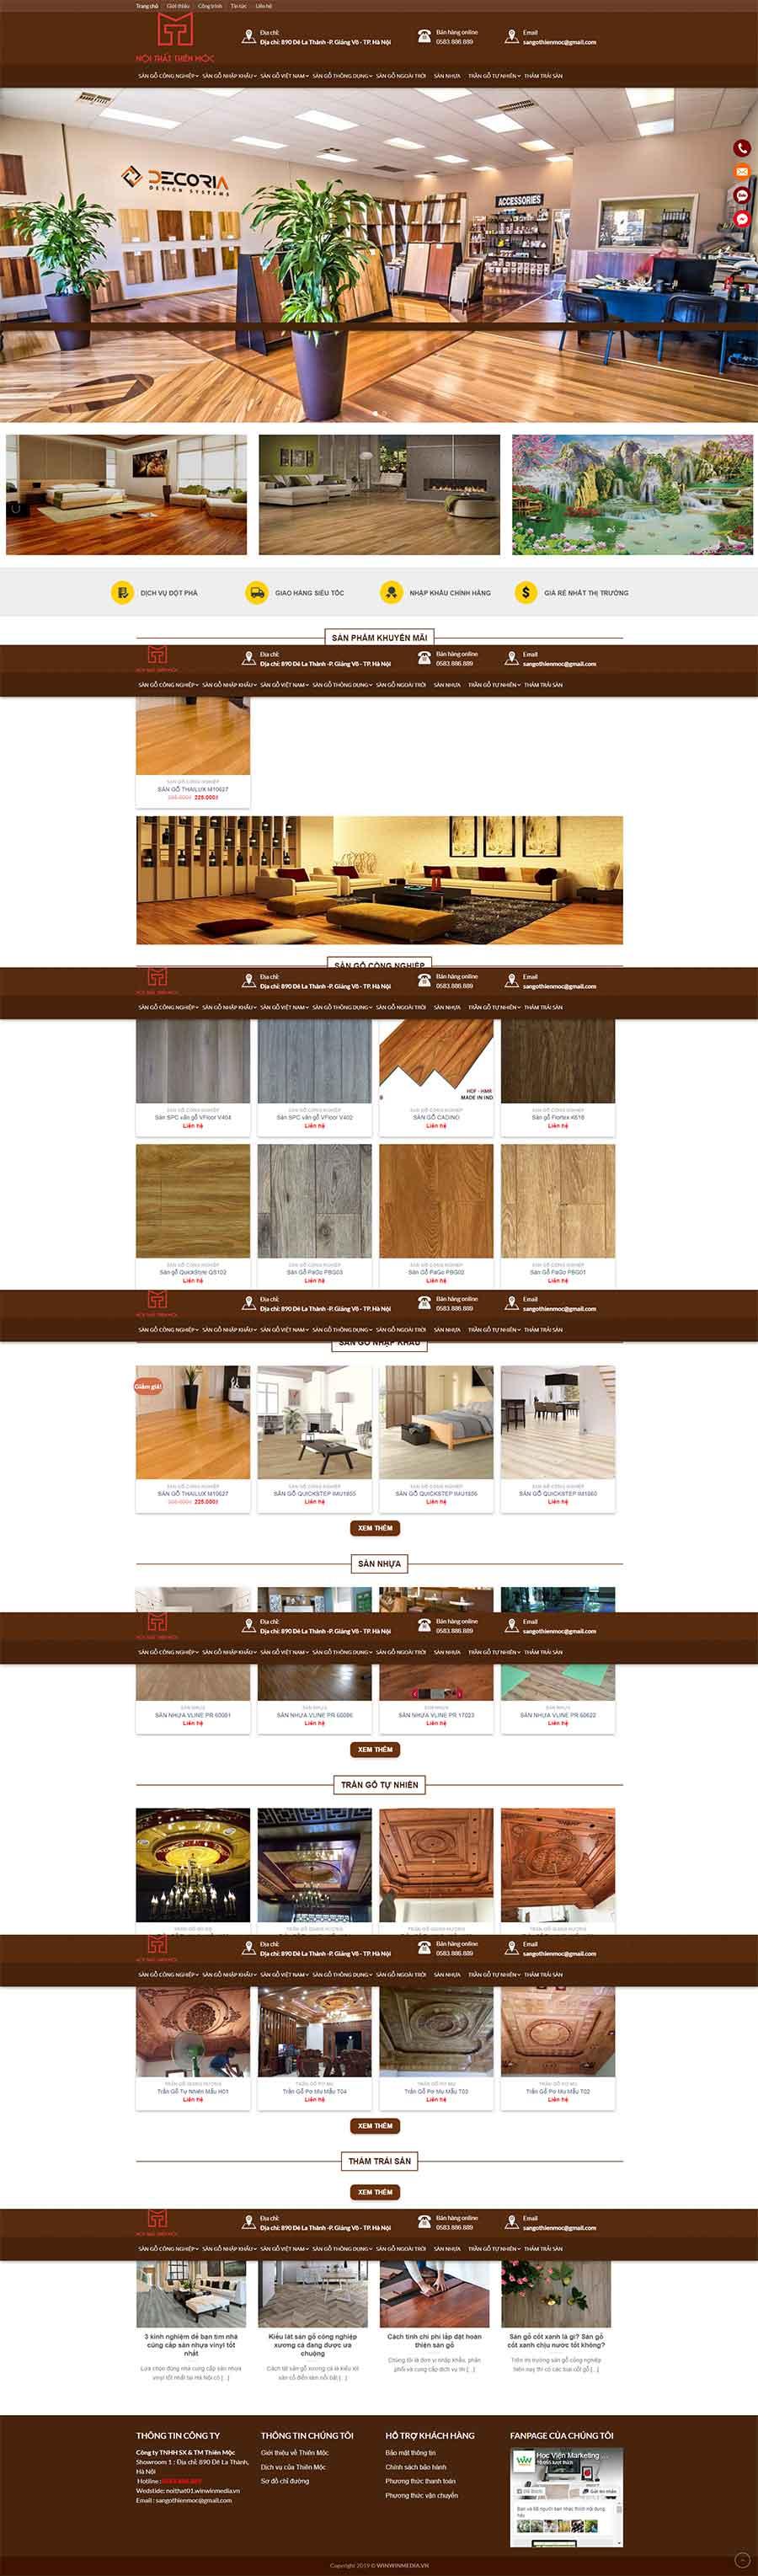 Mẫu website sàn gỗ Thiên Mộc view 4